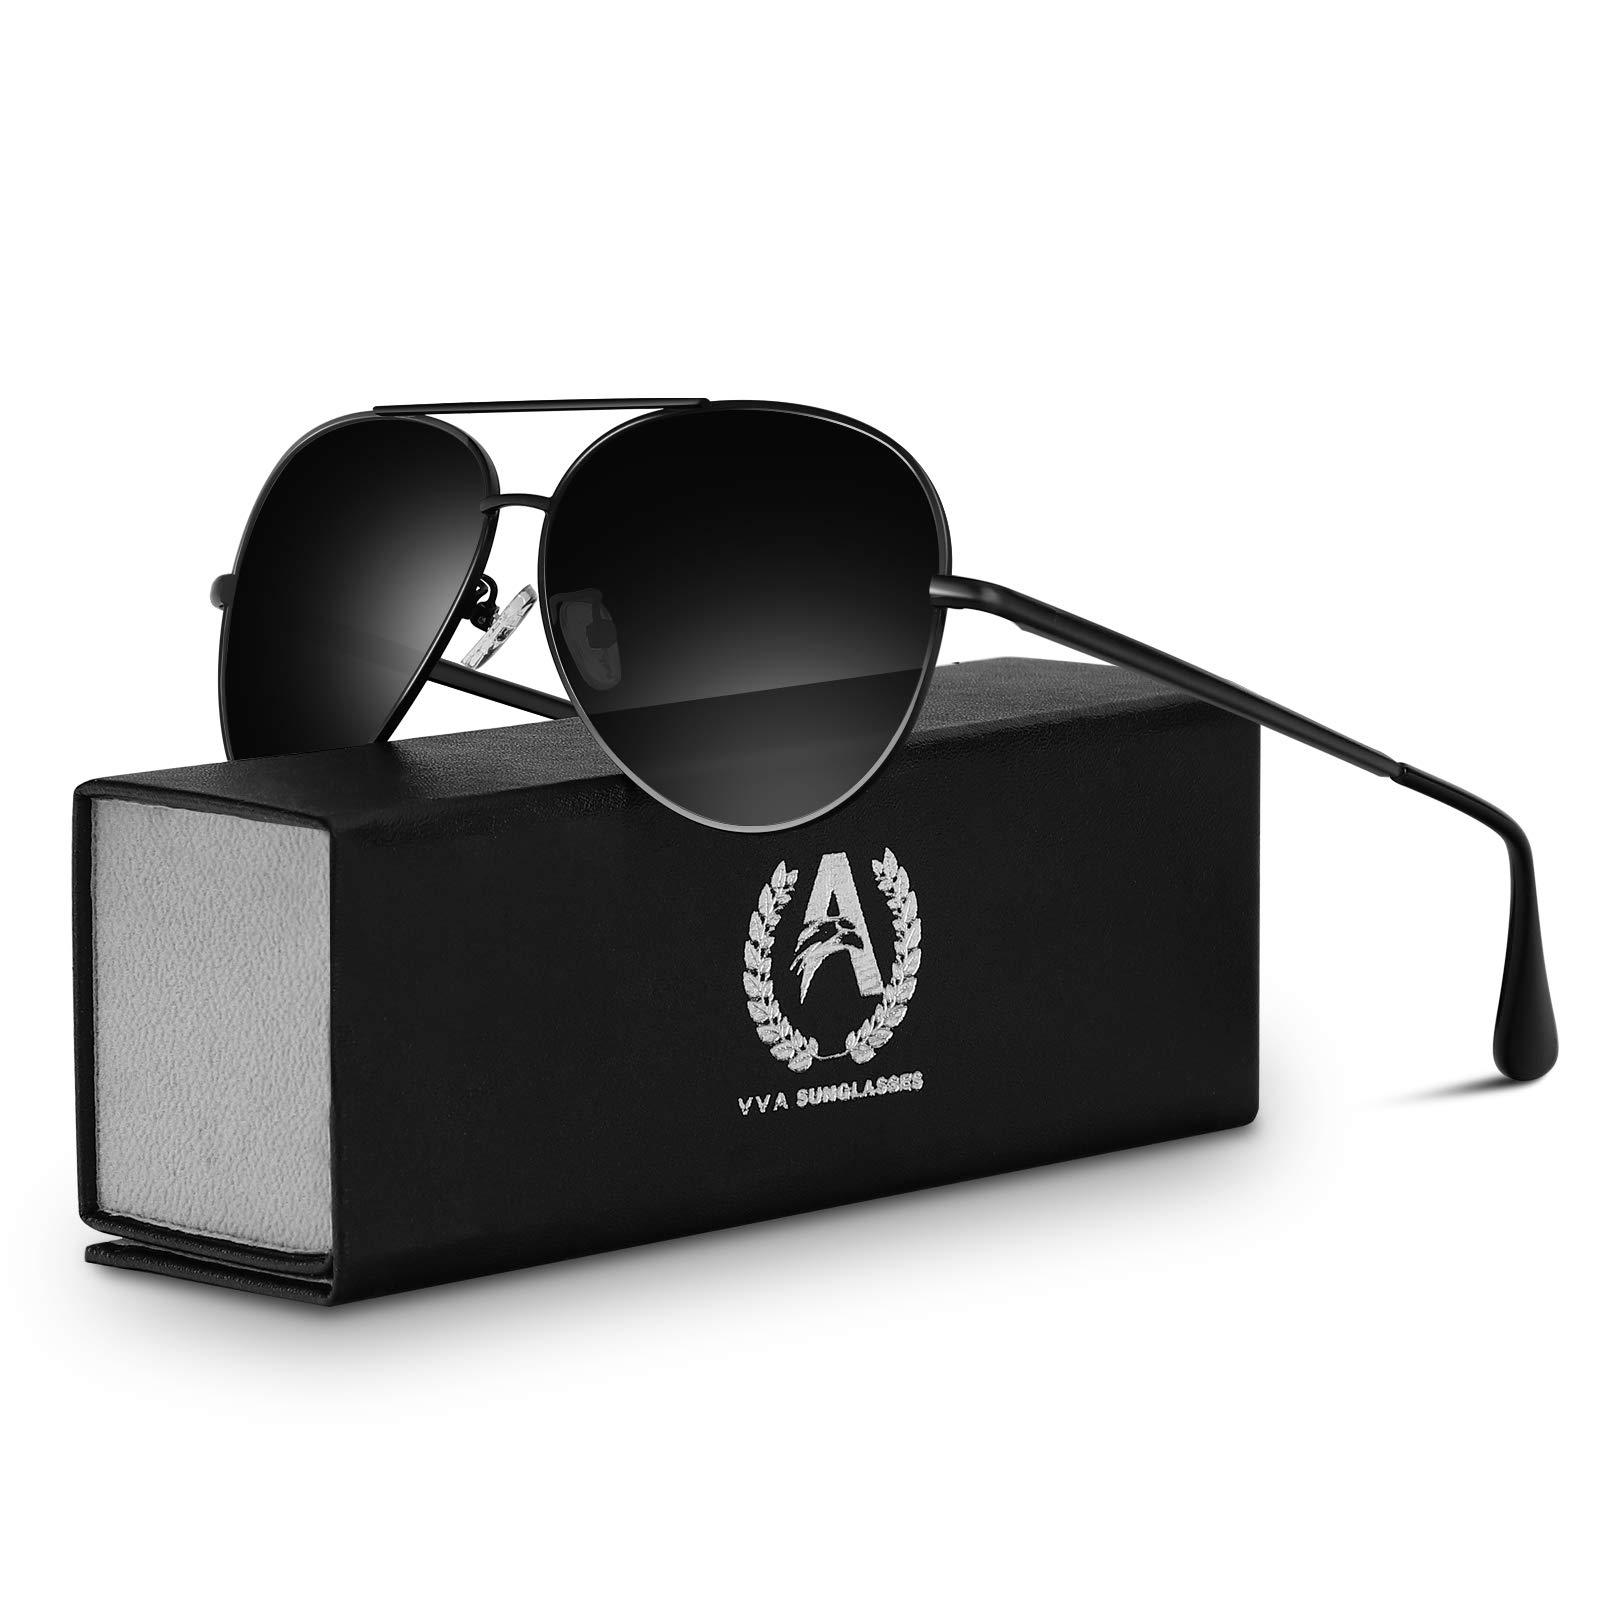 VVA Gafas de sol Hombre Polarizadas Aviador Hombres Aviador Gafas de ... 9f976275b8